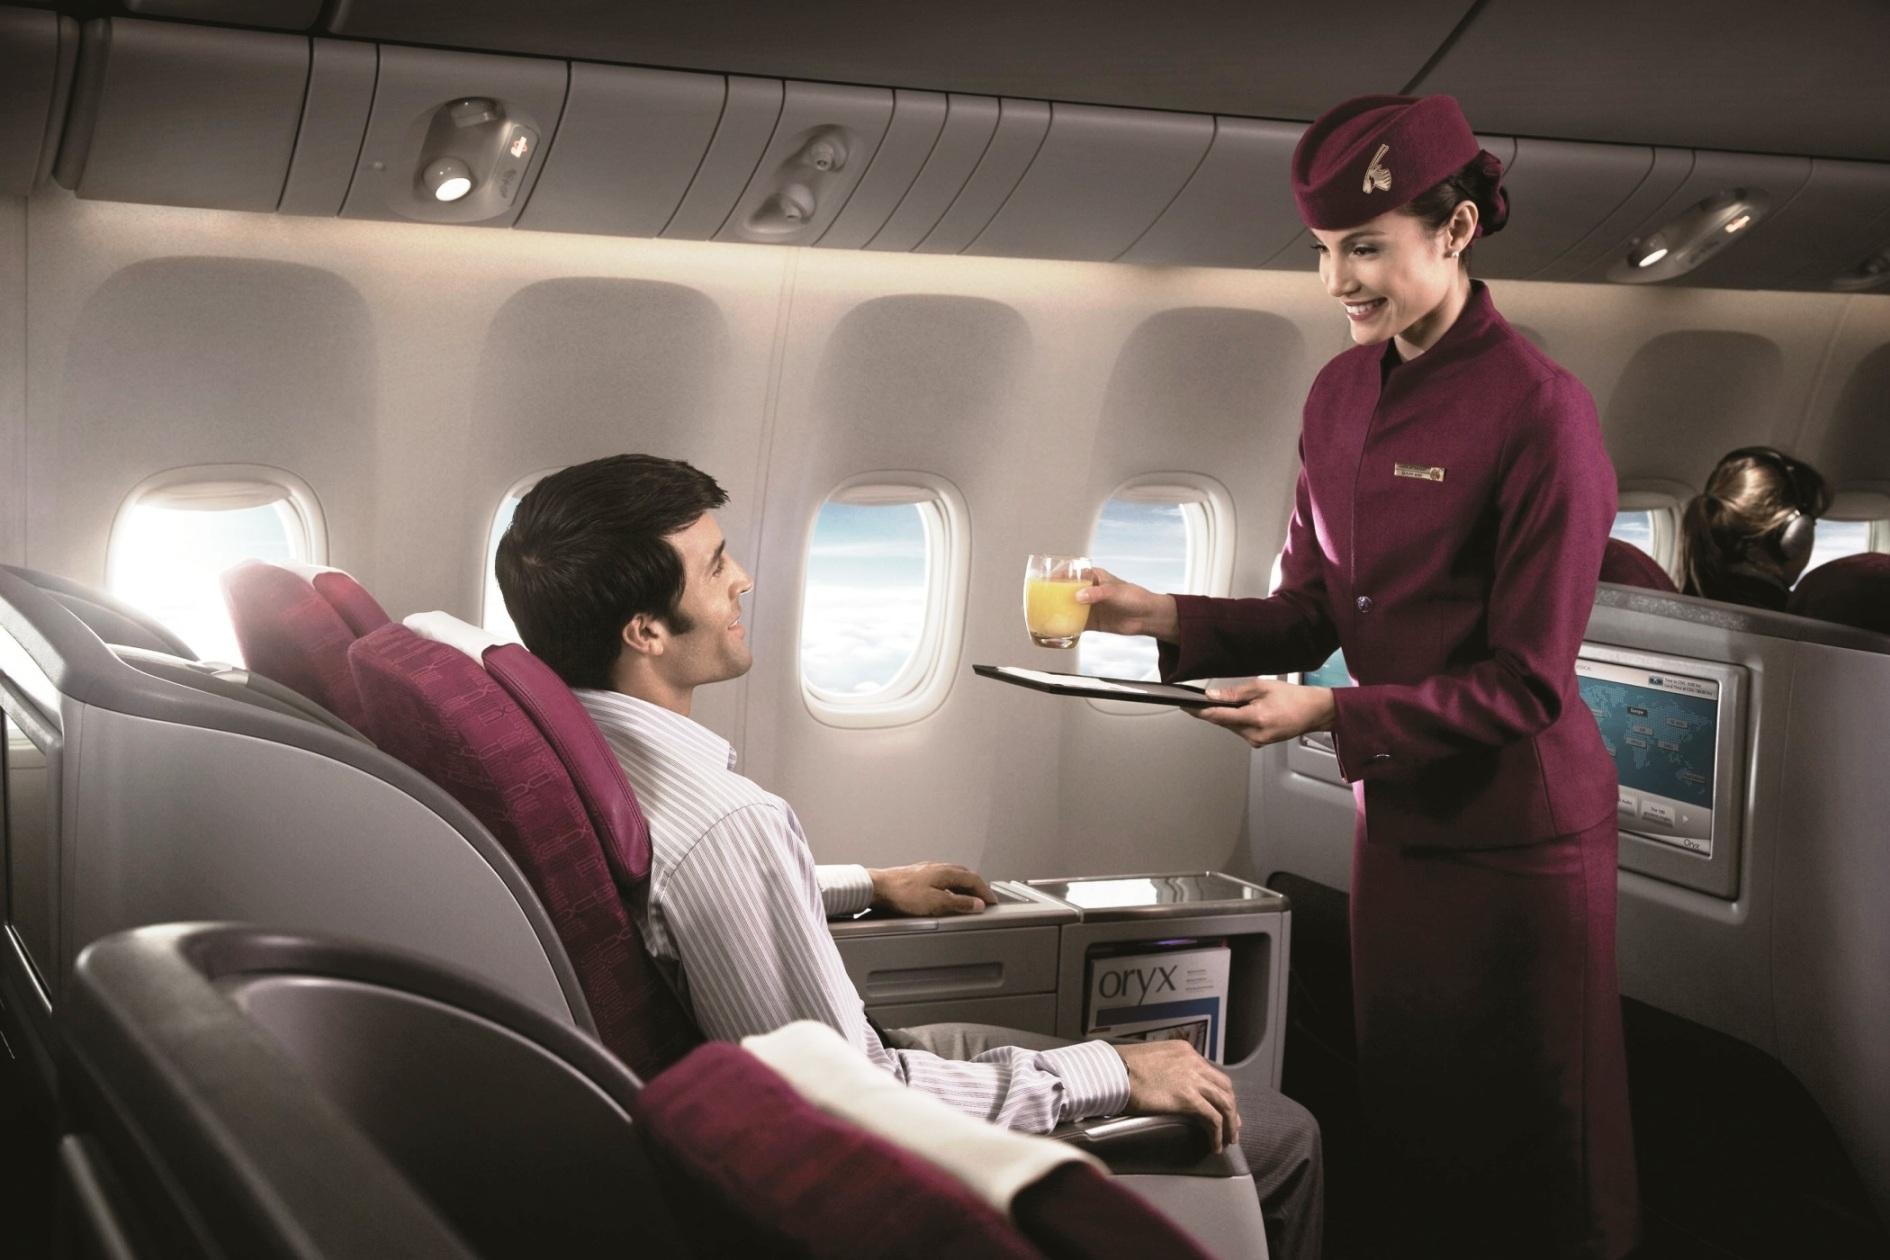 Film-film nominasi Oscar 2015 tersedia di seluruh kelas penerbangan.